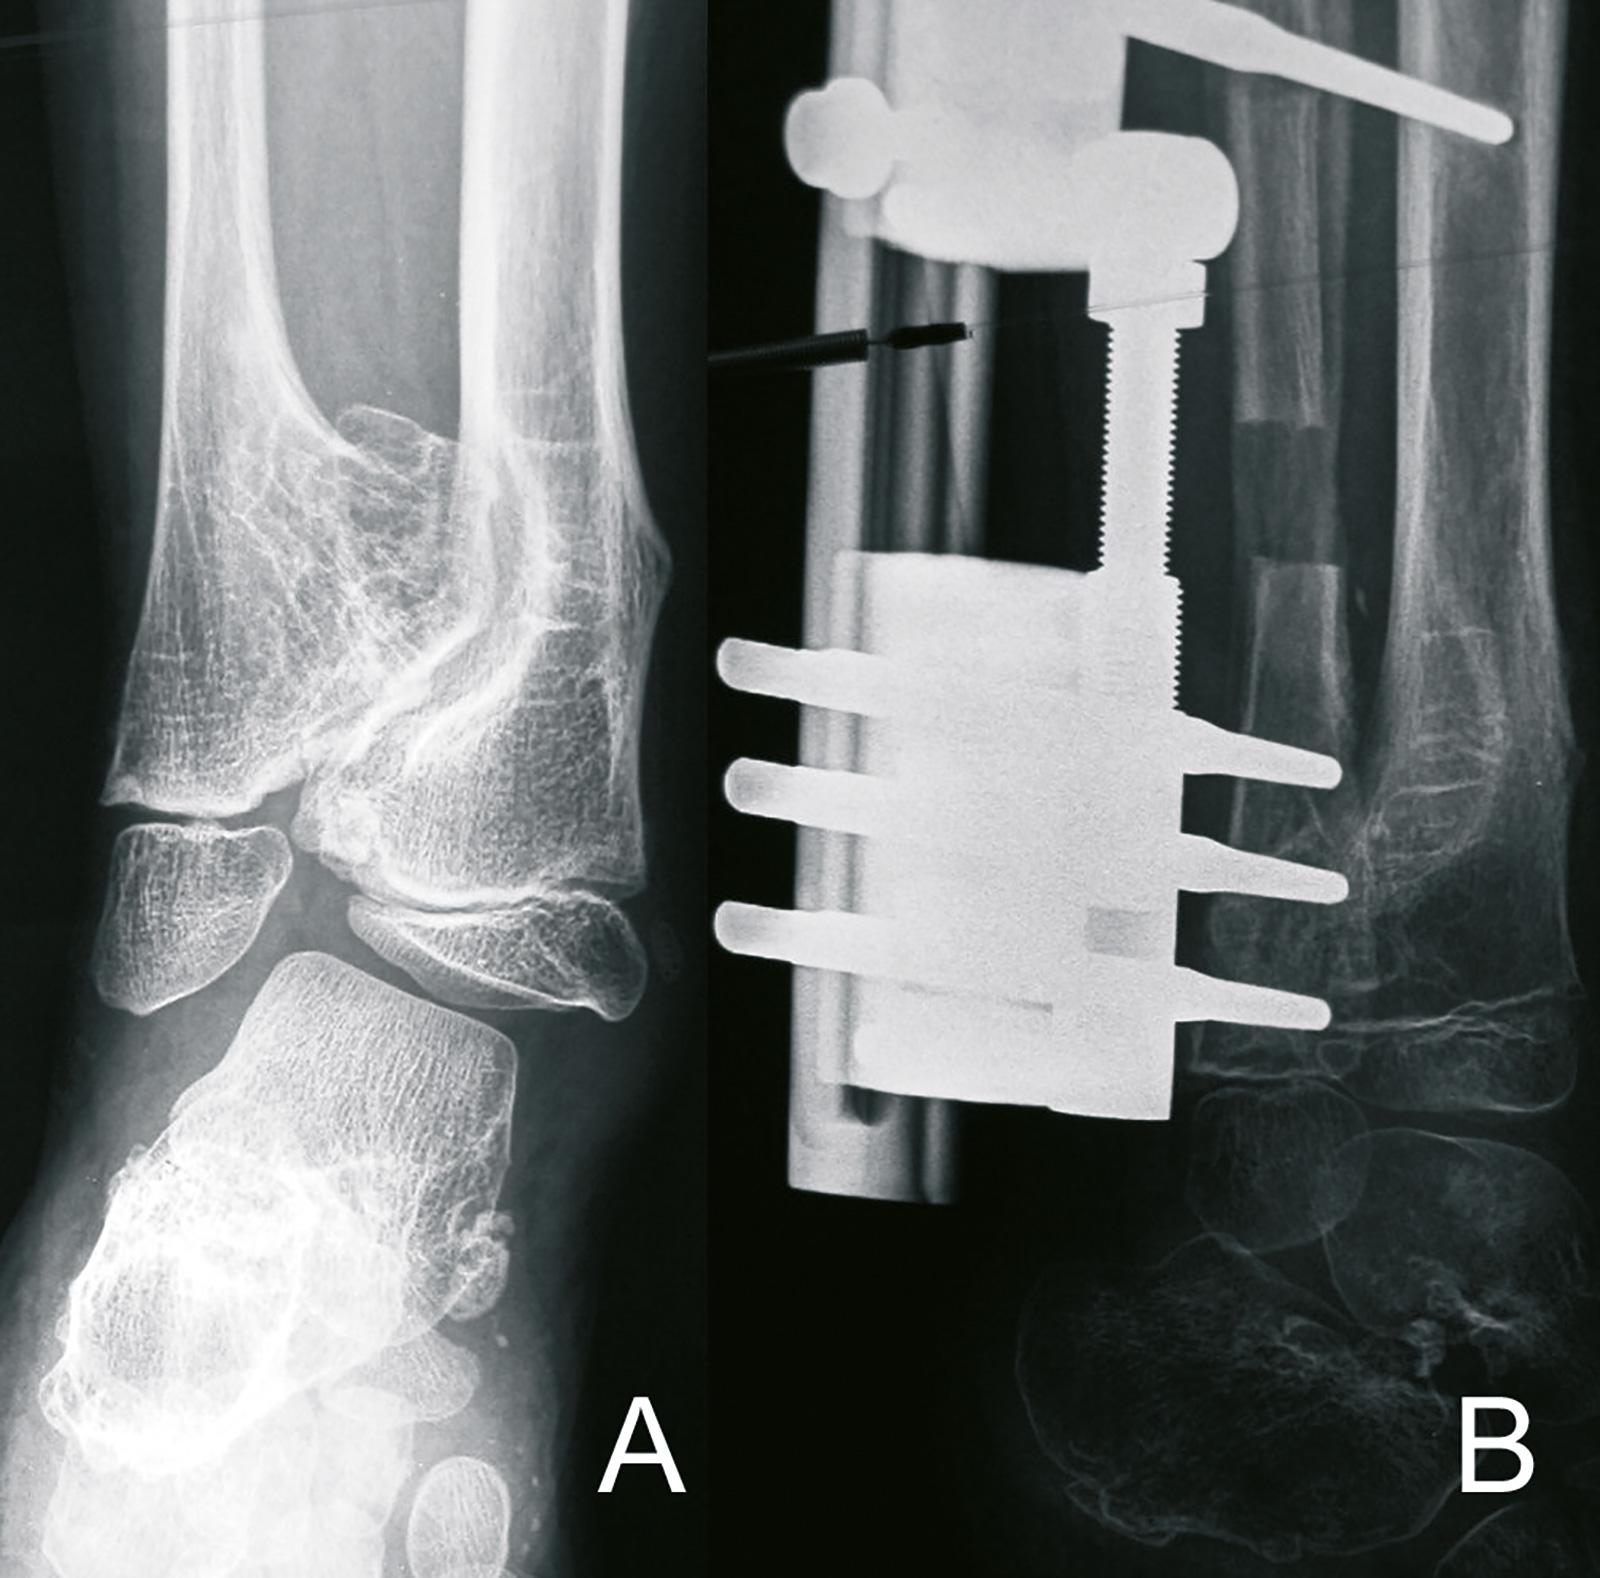 Abb. 8-44: Valgusdeformität des Sprunggelenkes auf der Basis einer von einer Exostose verursachten Wachstumsstörung der Fibula (A), nach Abtragung der Exostose und Fibulaverlängerung mit einem Fixateur (B) (Eigentum des Instituts für Klinische Radiologie